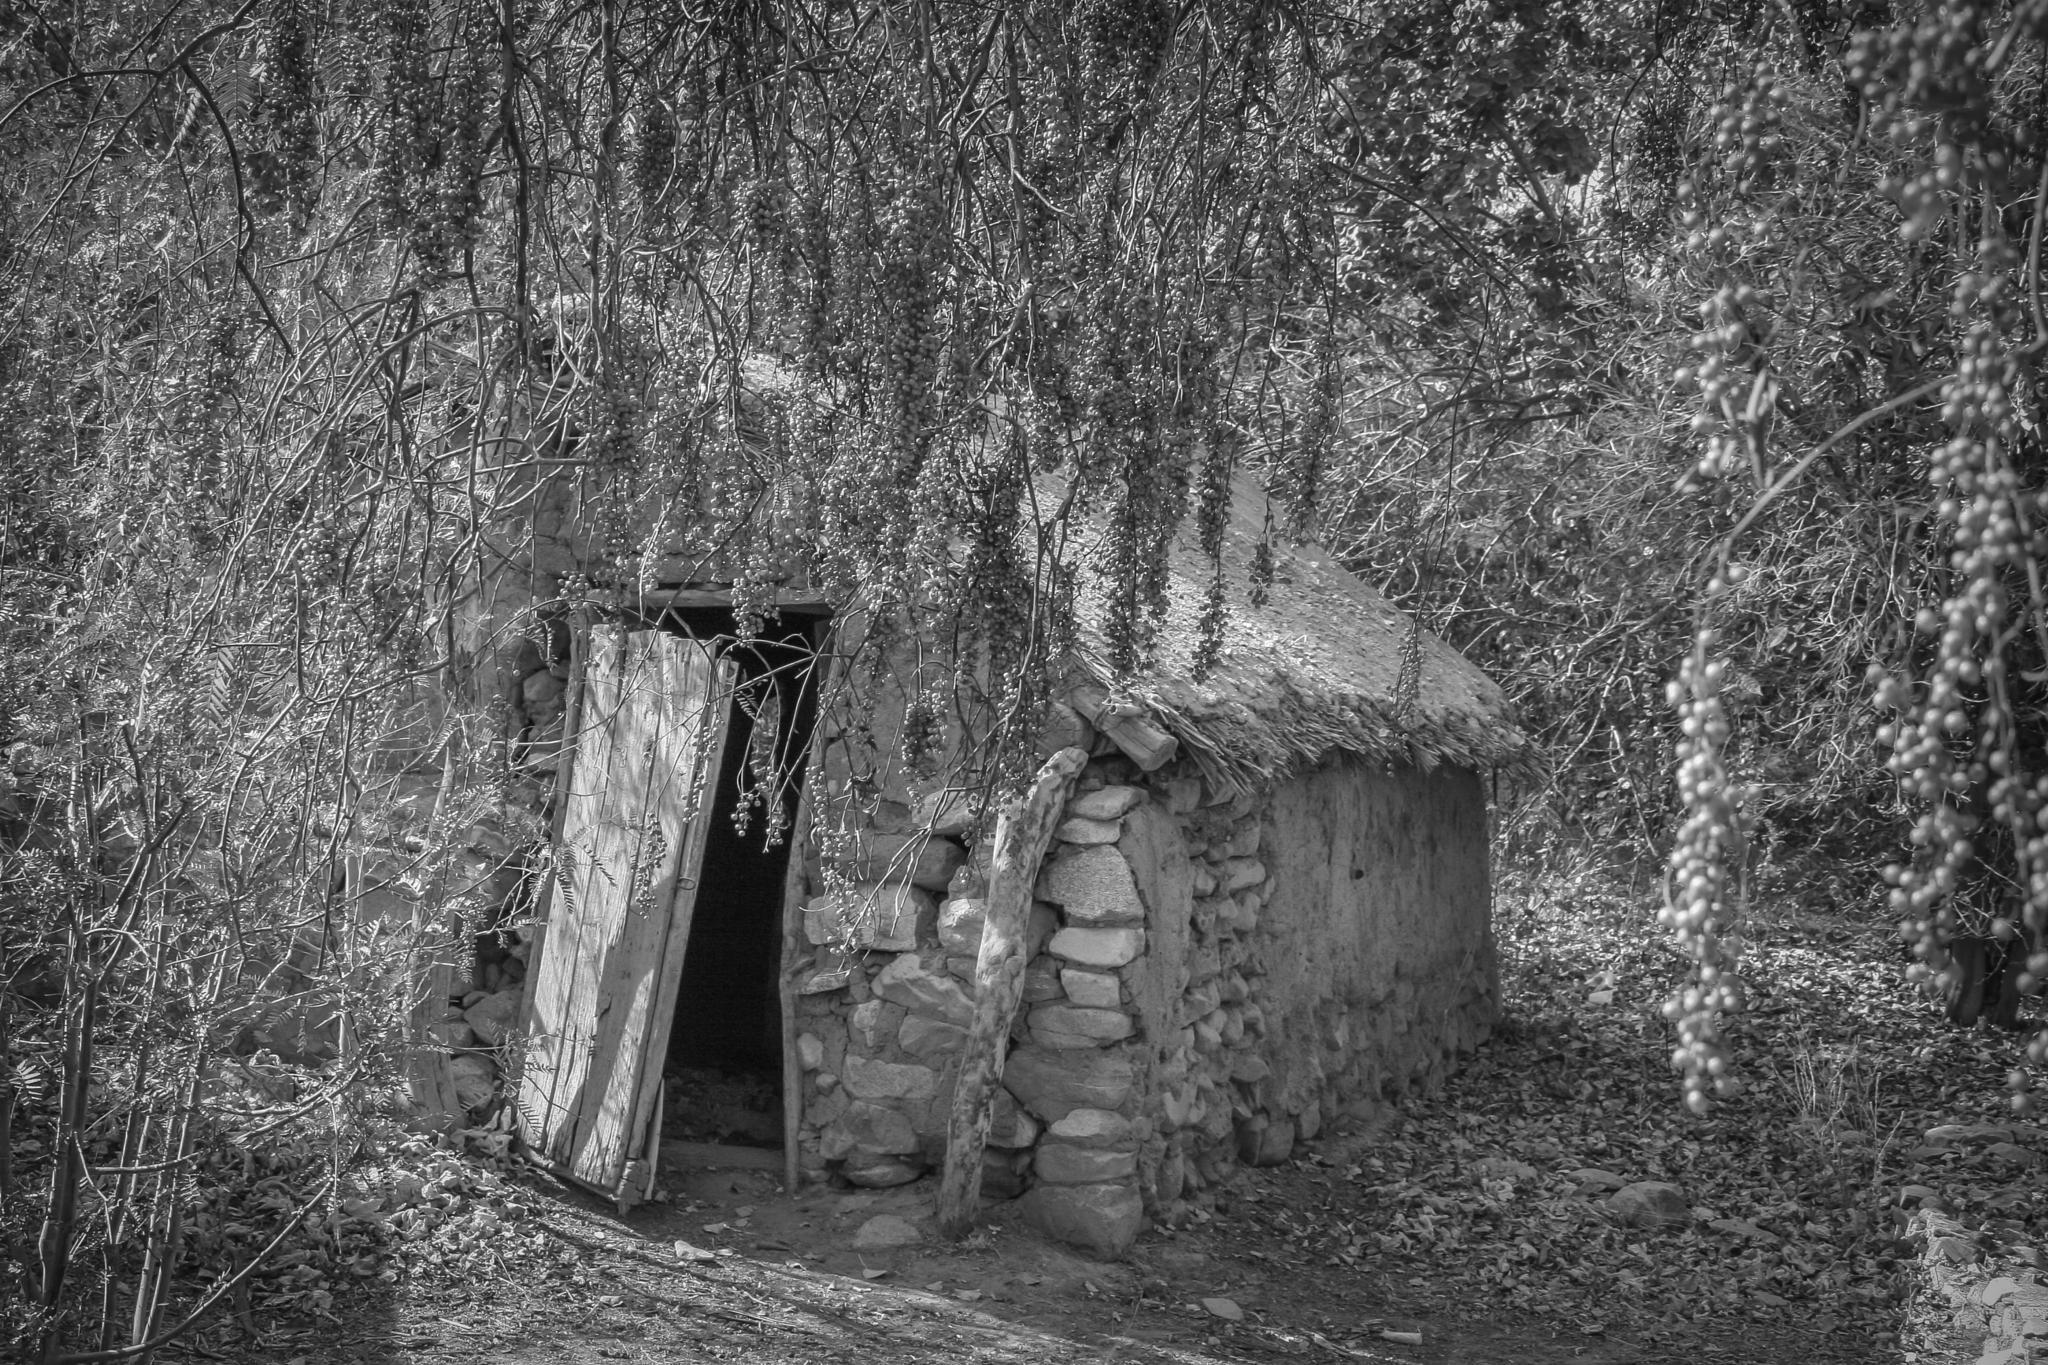 The Hidden Cottage - Watch The Dwarfs by FlaviuCodorean